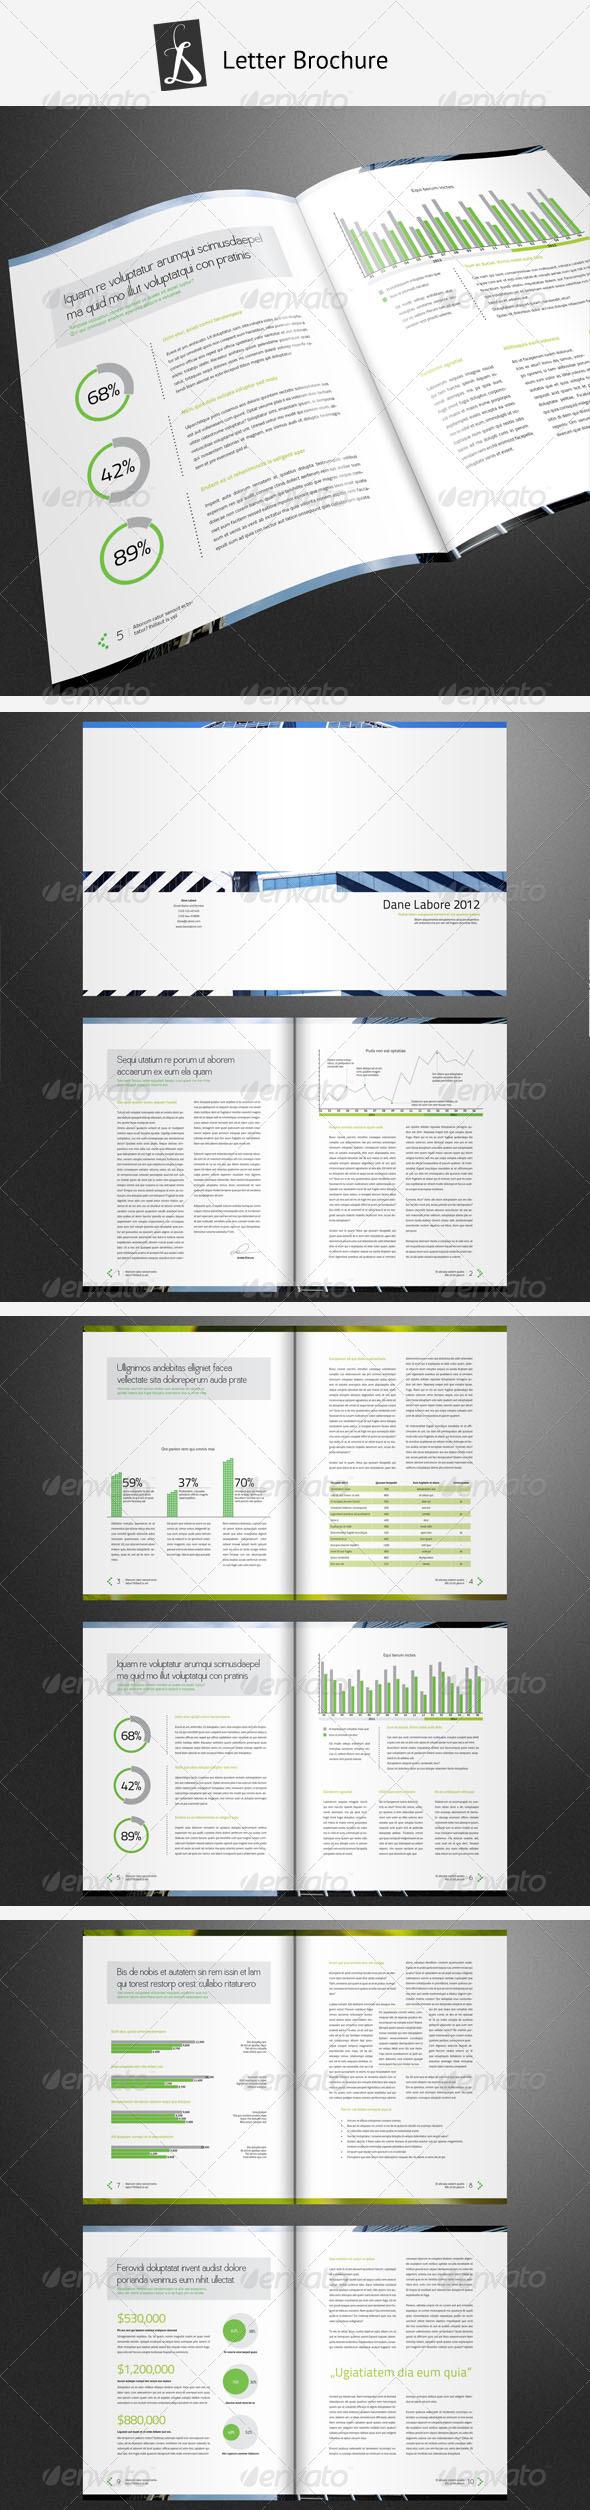 Corporate Brochure 16 - Corporate Brochures